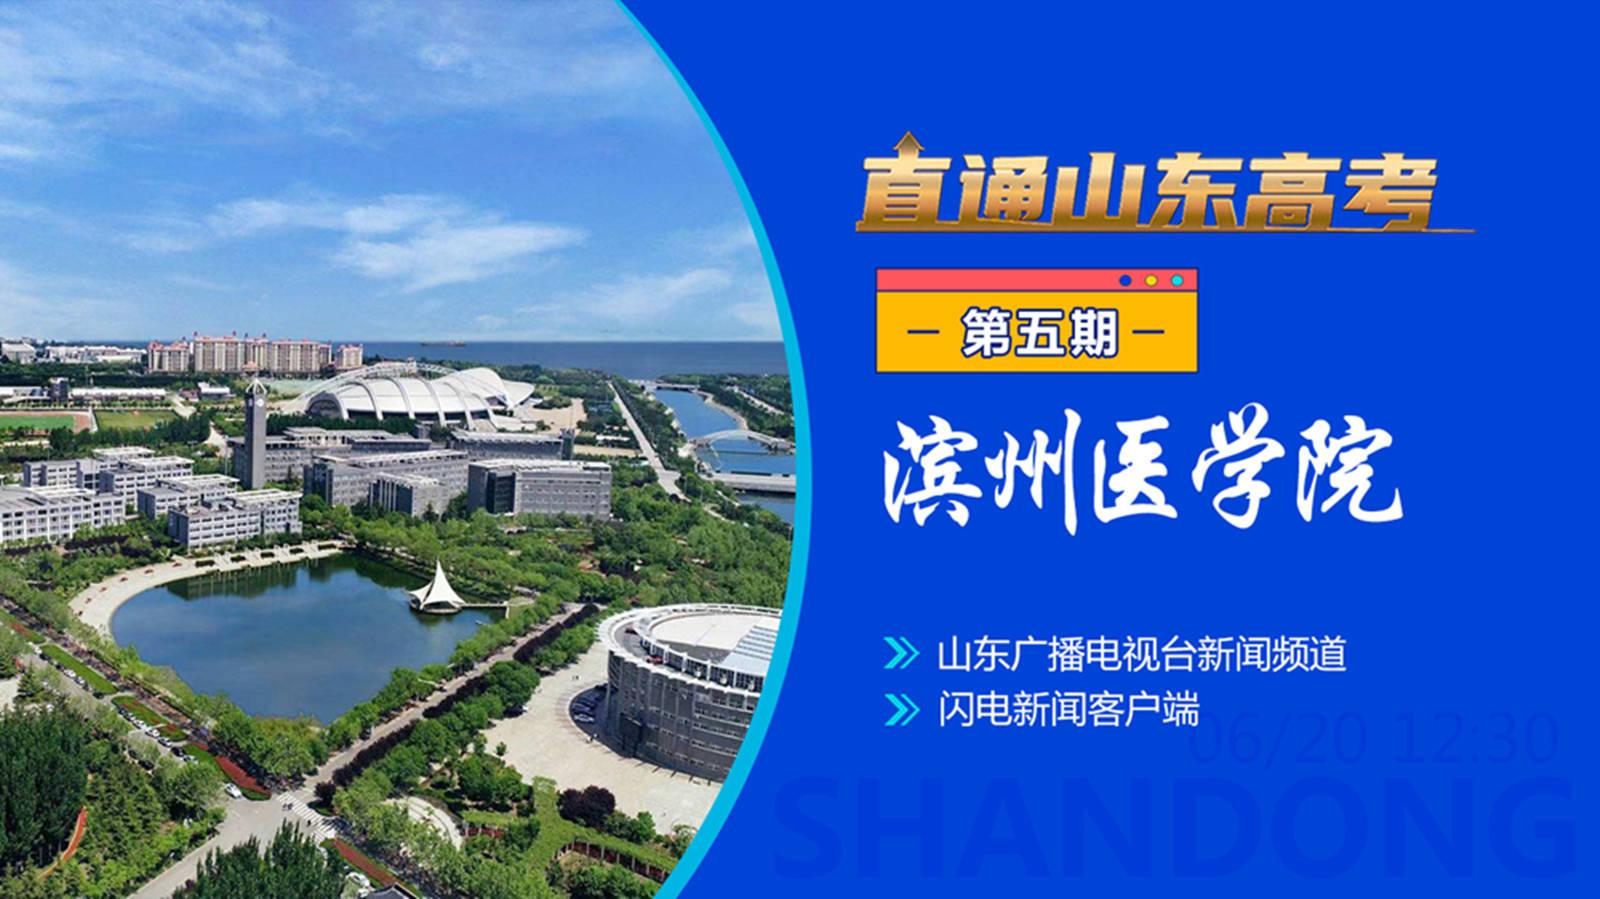 面朝大海 筑夢未來 ——濱州醫學院歡迎您